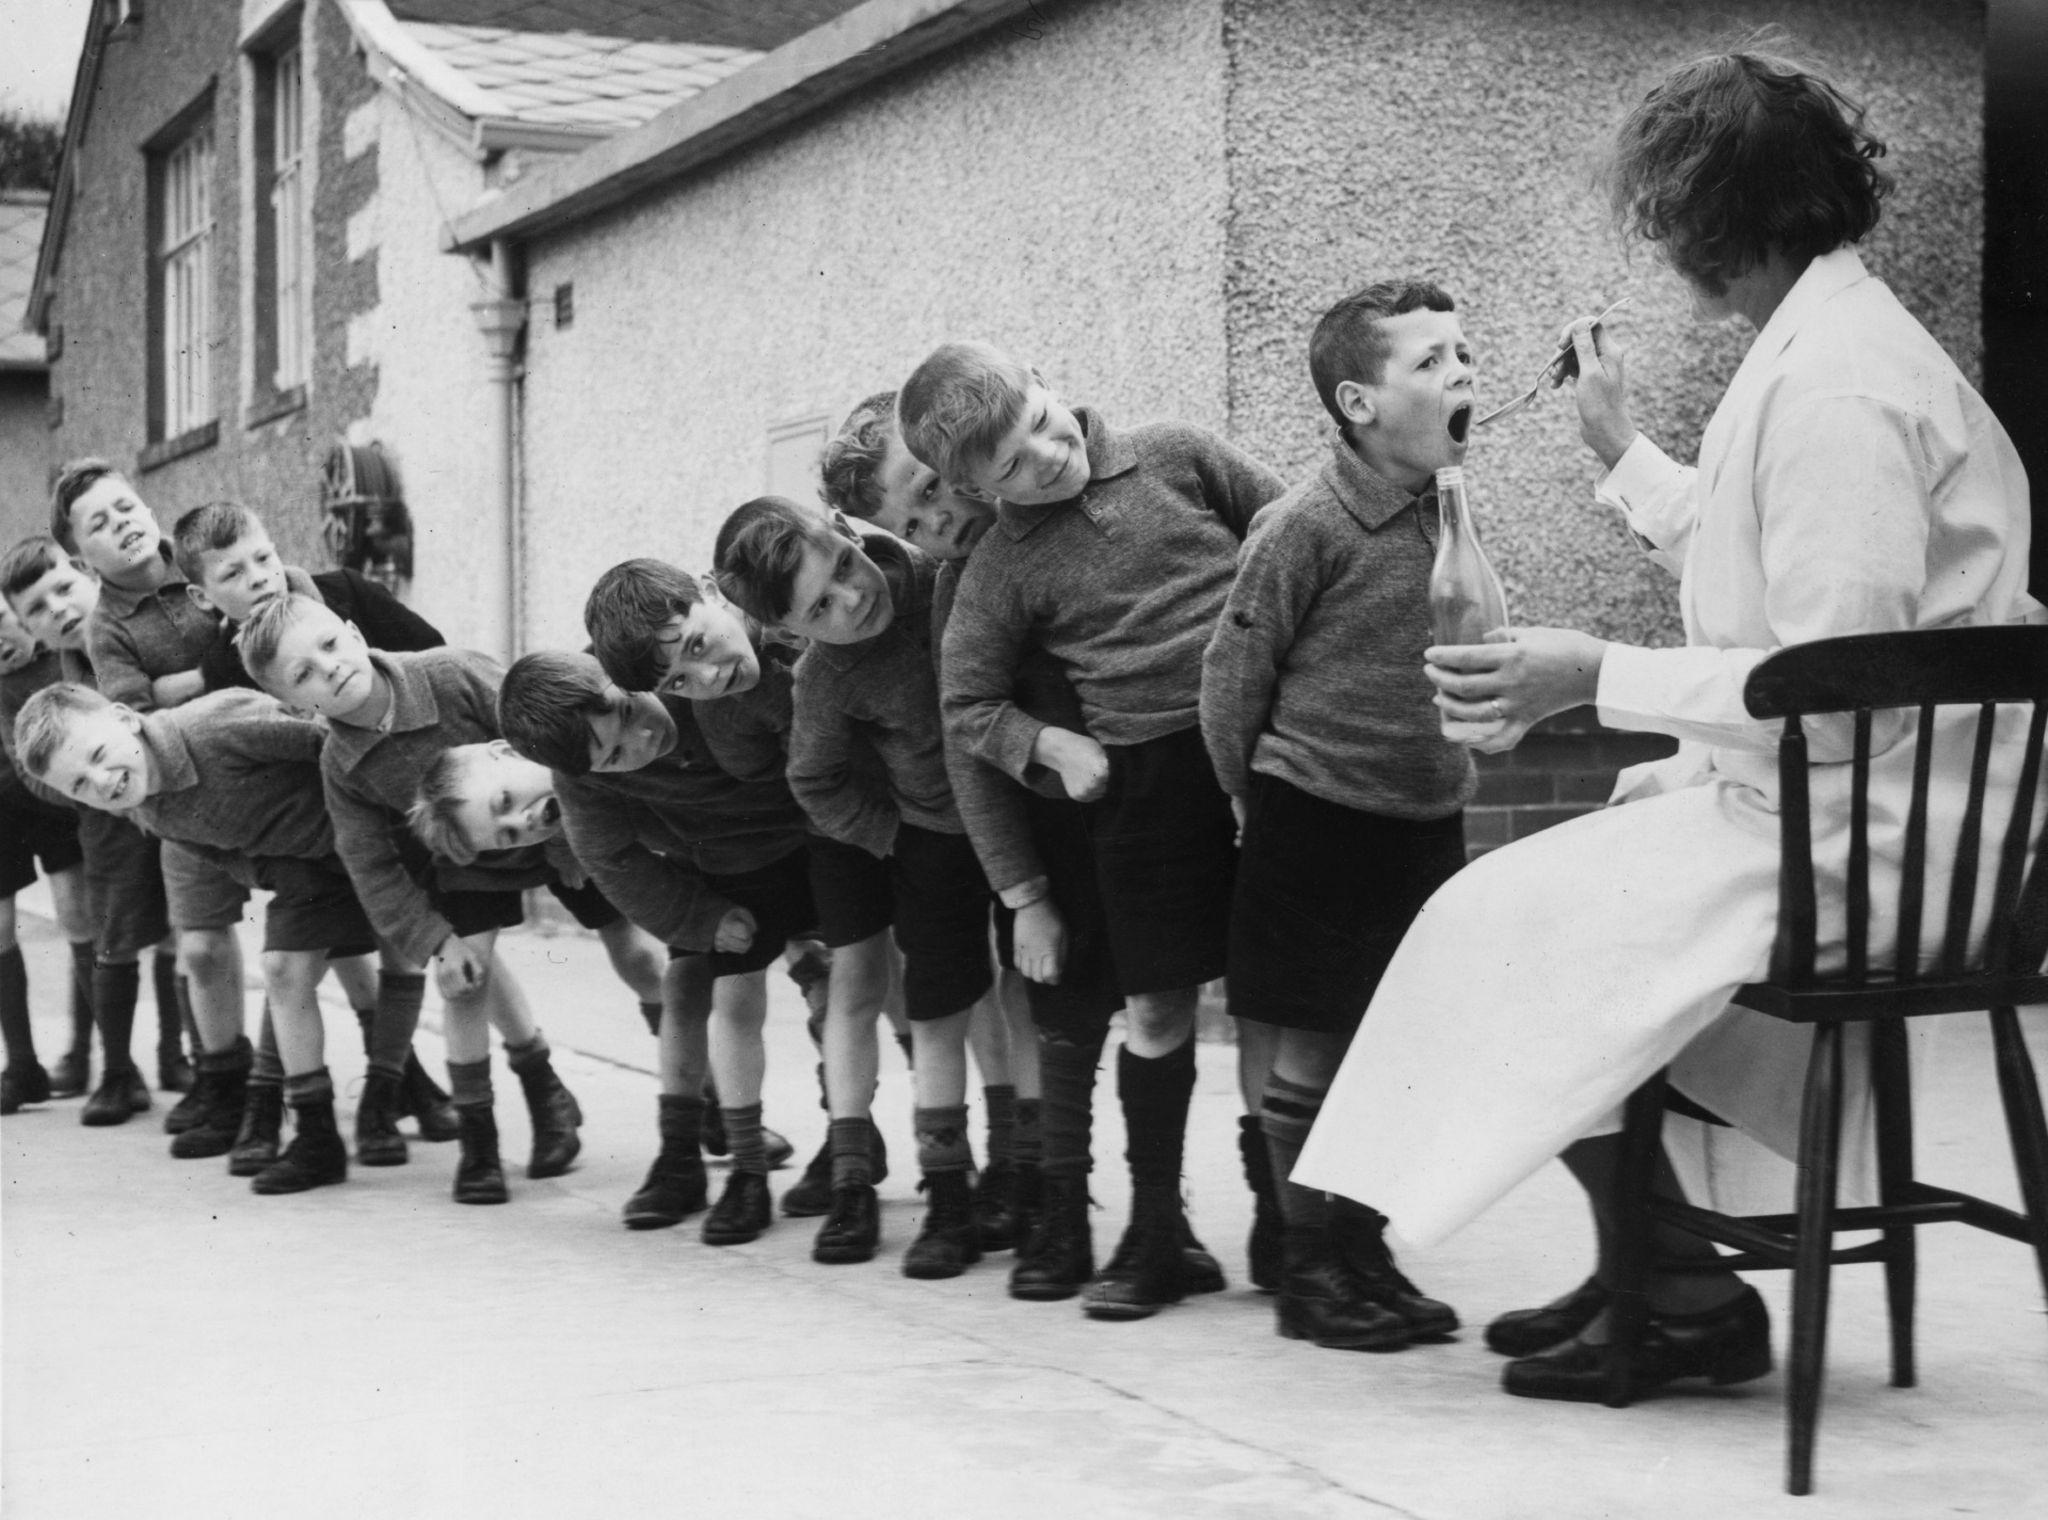 Boys in a medicine queue